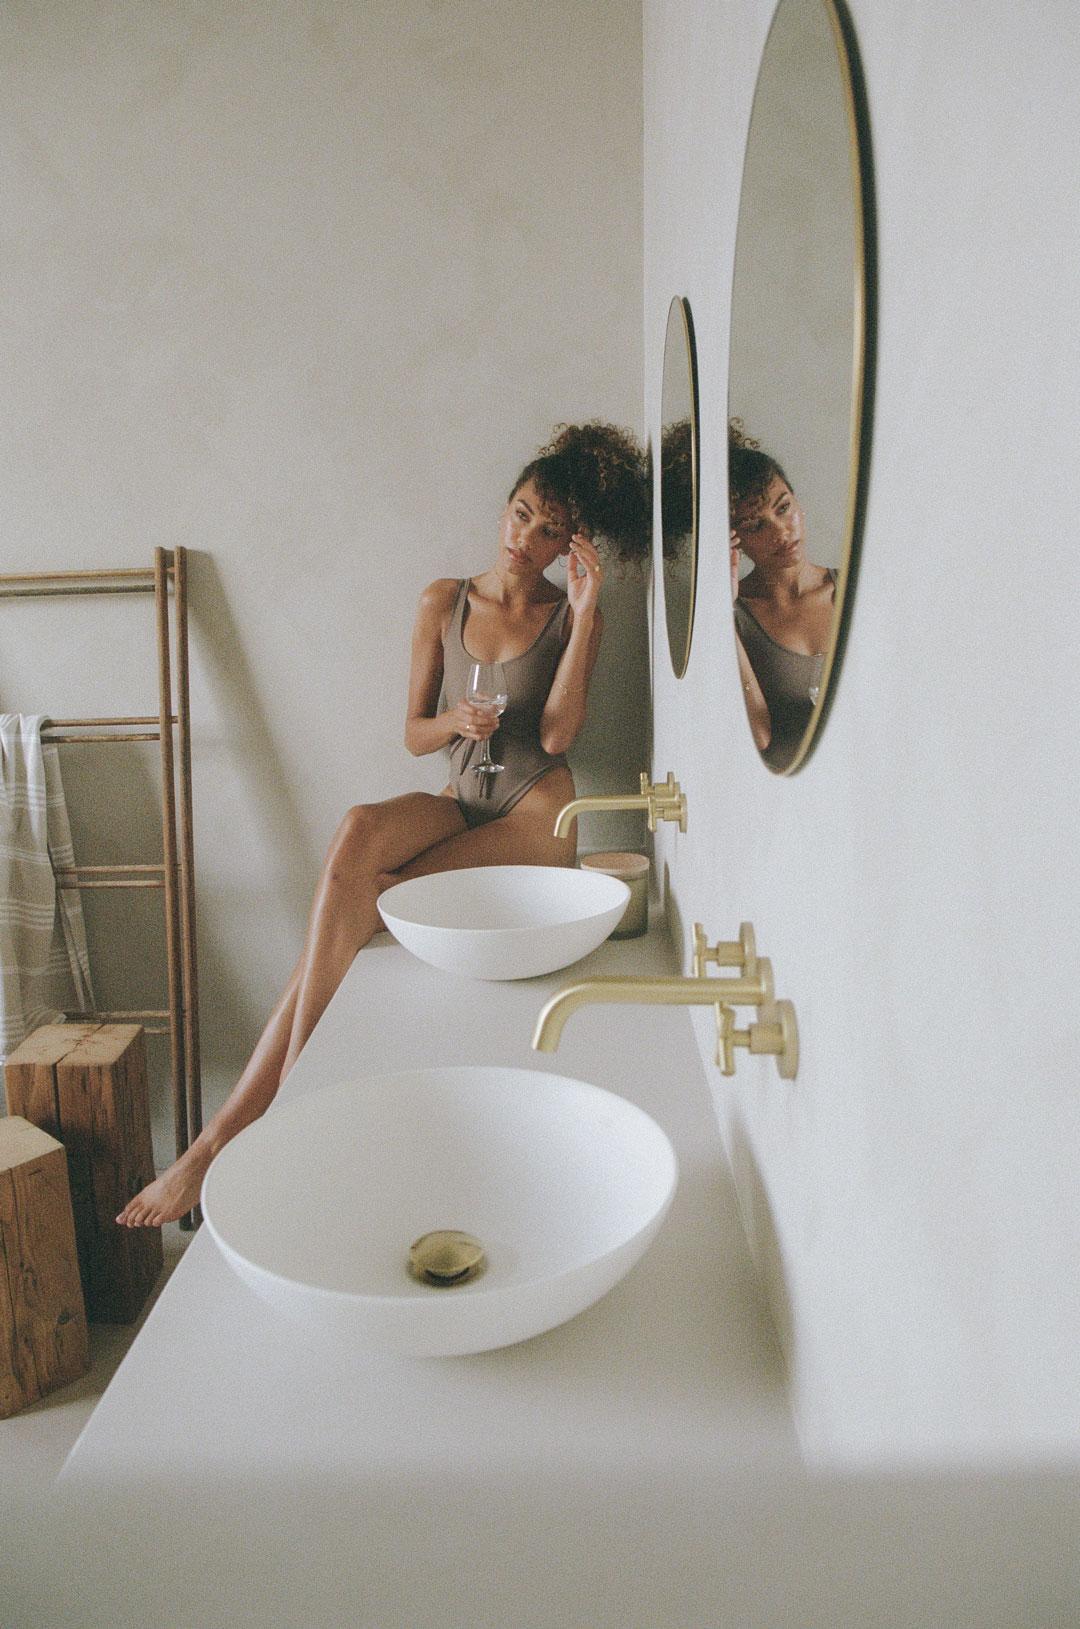 Model posing in a spa studio